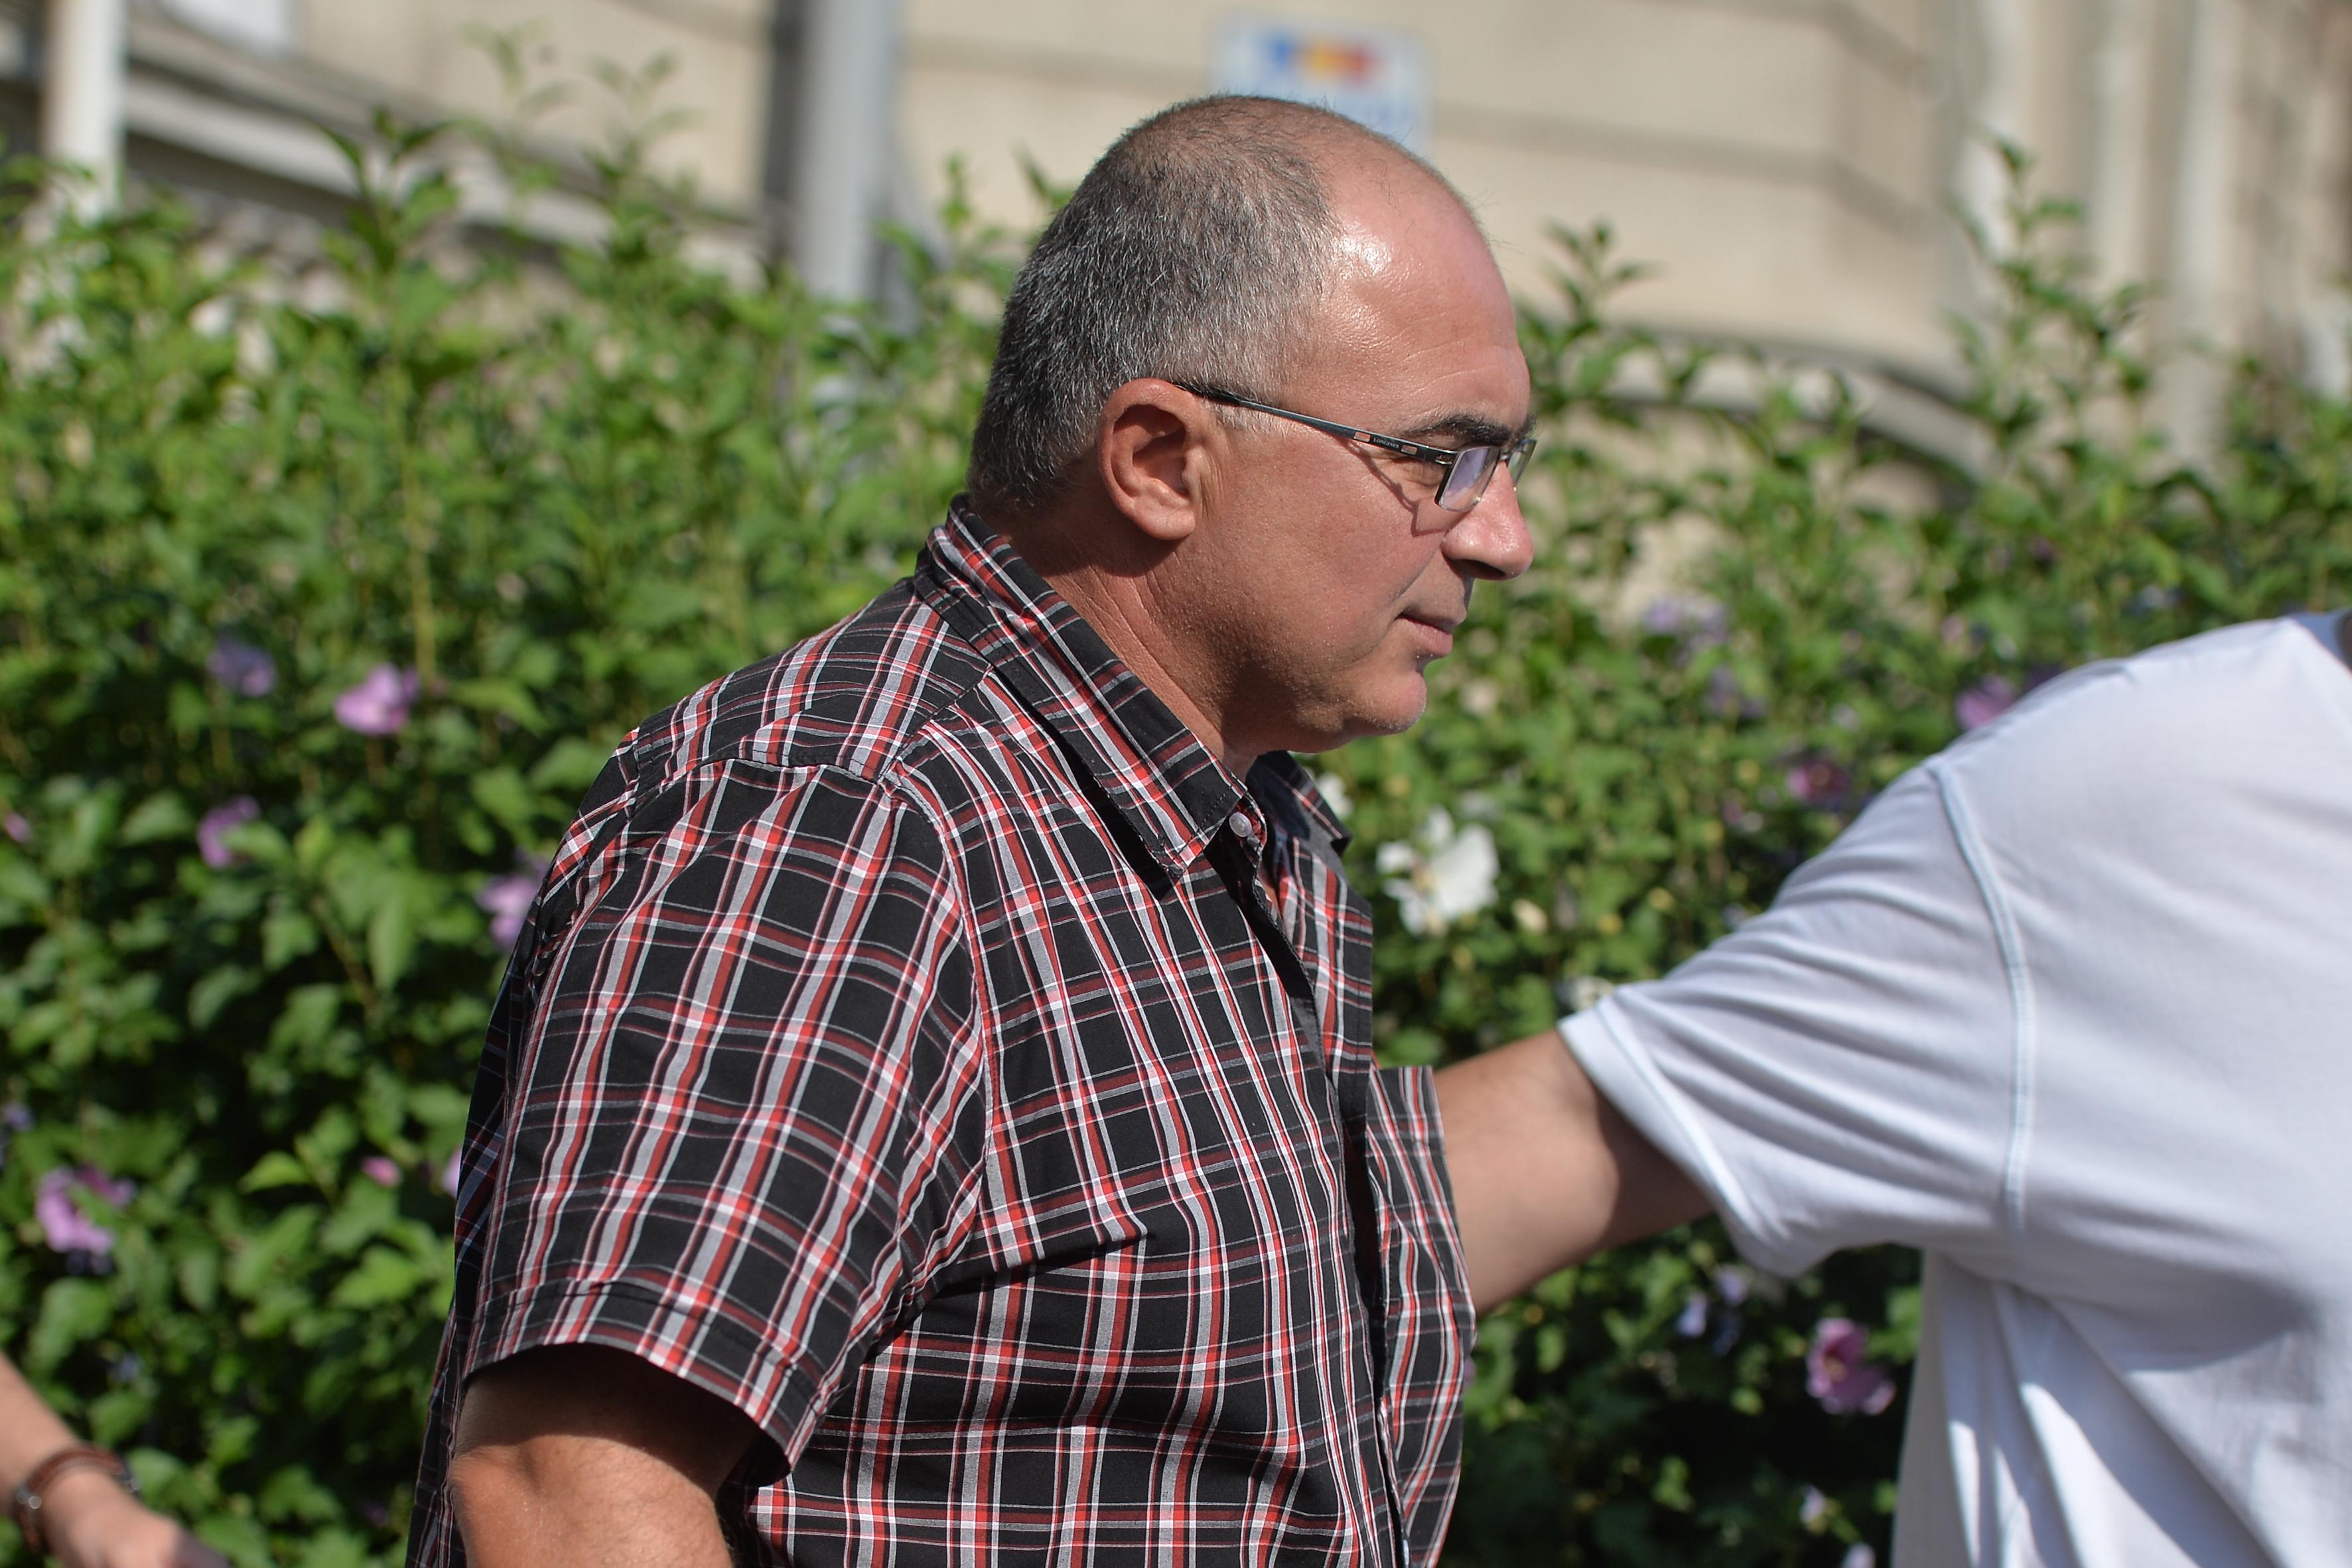 Dosarul FERMA de porci Salcia | Avocatul administratorului Ilie Dragne a făcut plângere împotriva procurorului: A fost întreruptă audierea pentru o confruntare directă cu un alt inculpat